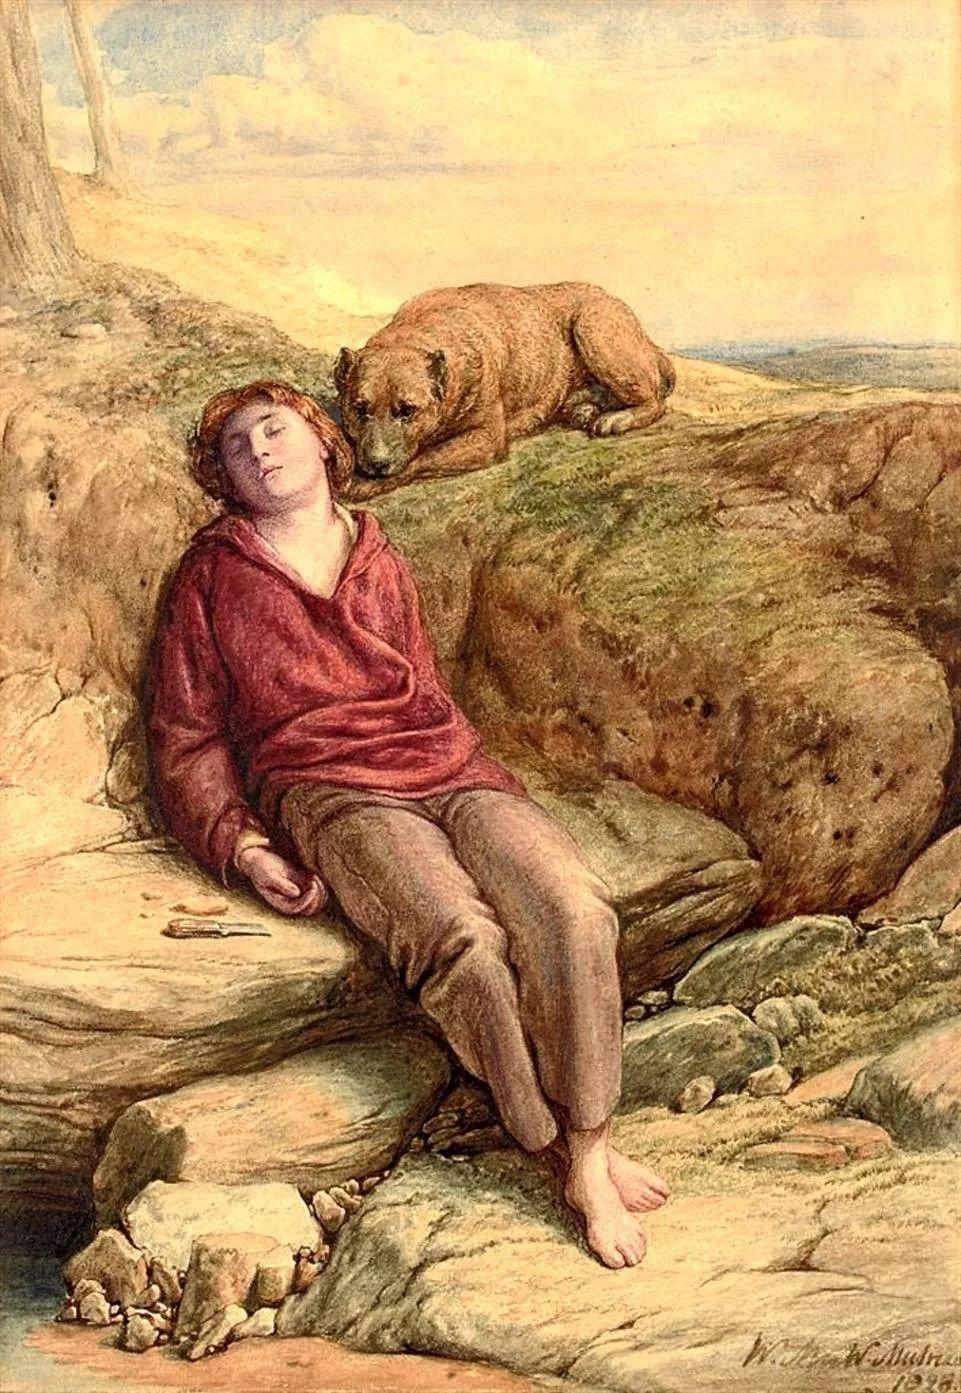 农村生活场景,爱尔兰画家威廉·穆雷迪插图26